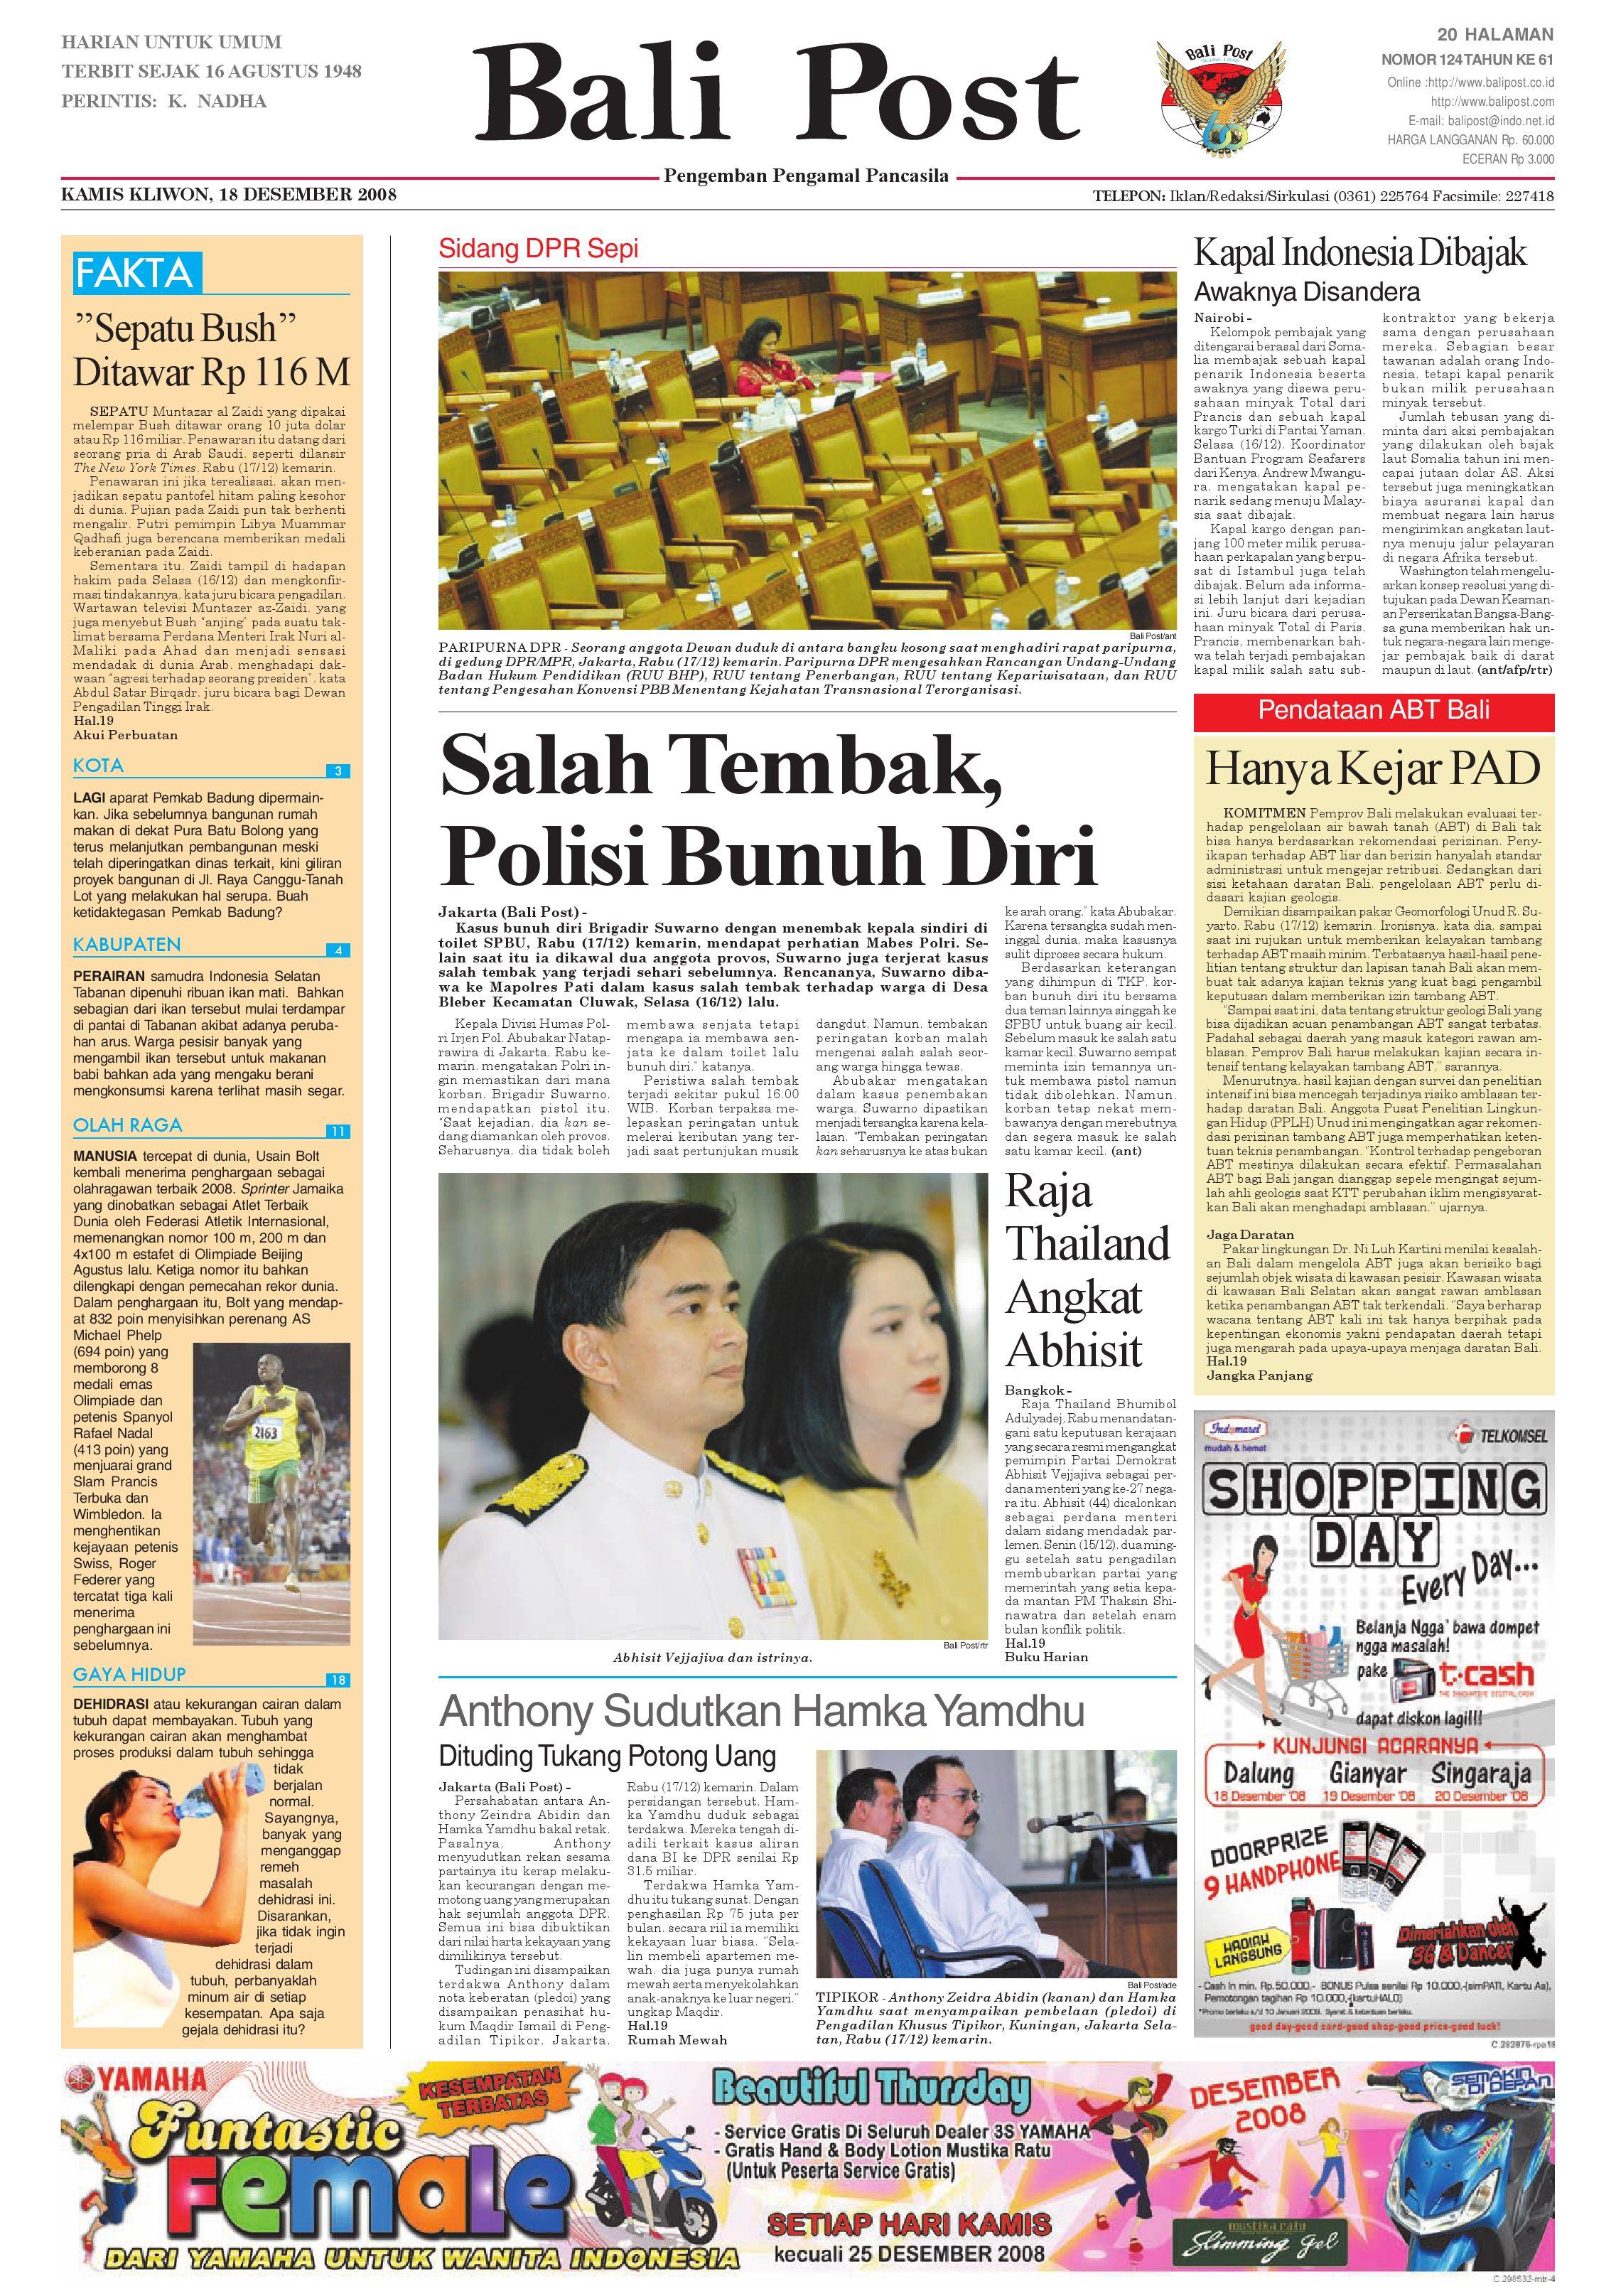 edisi 29 mei 2010 balipost by e paper kmb issuu